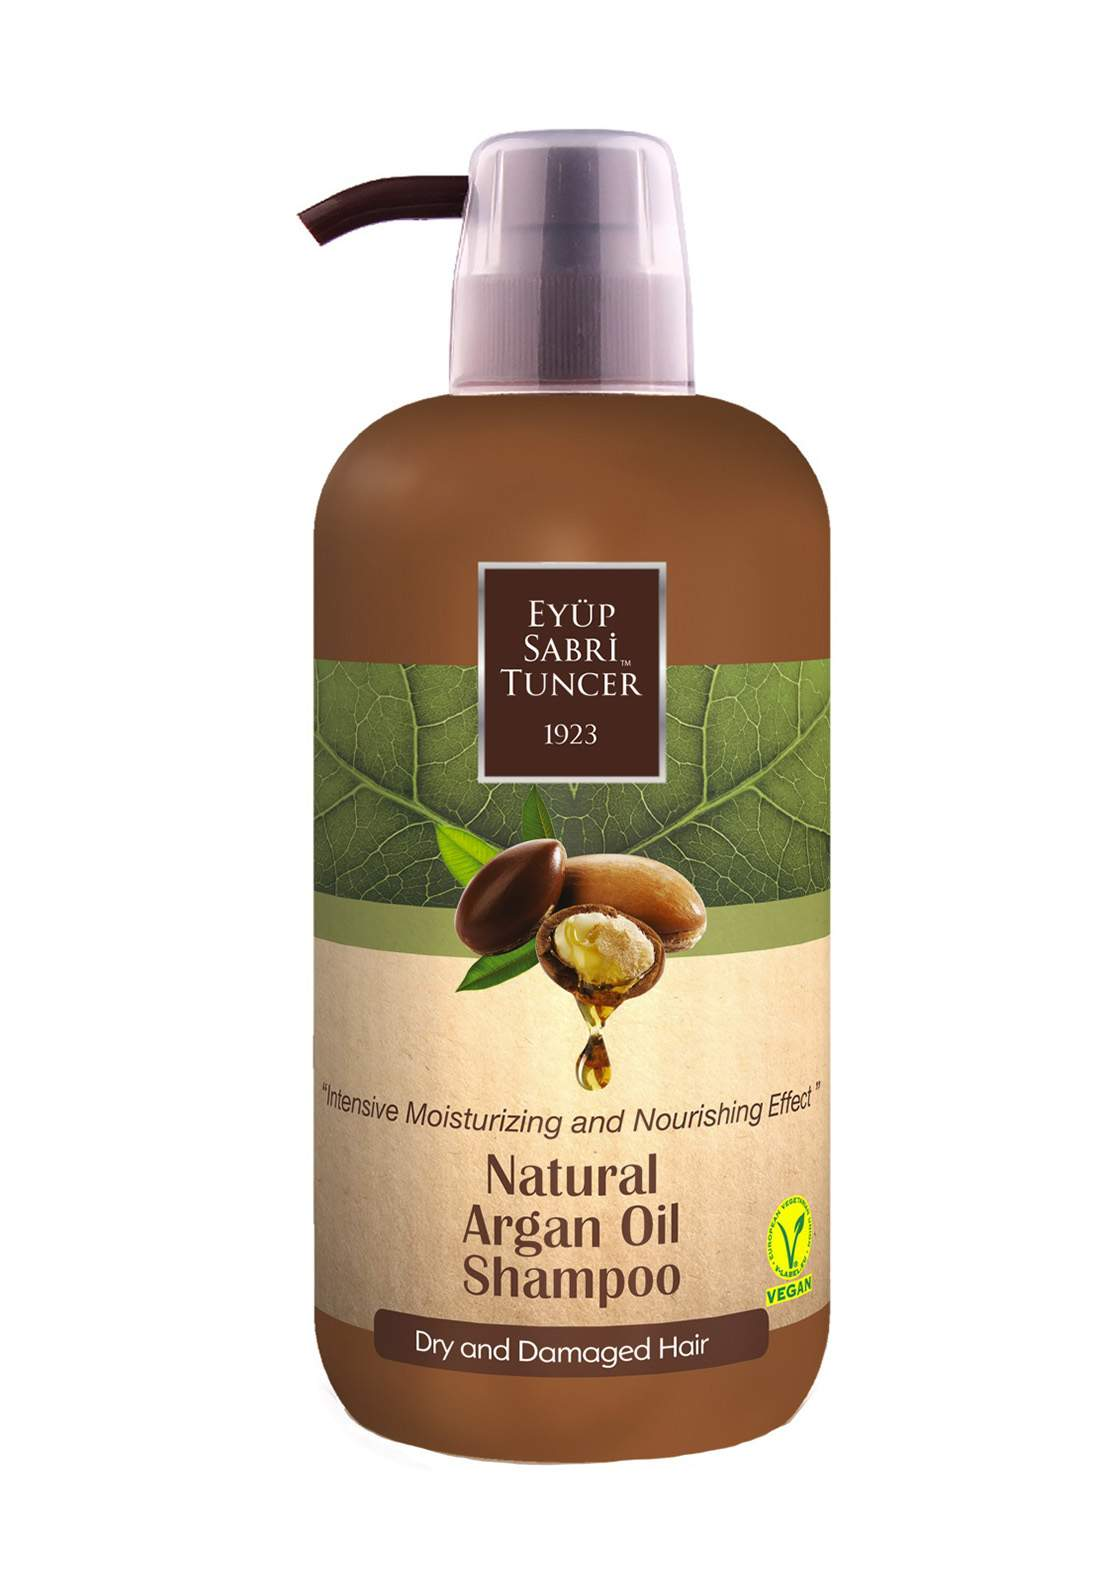 Eyup Sabri Tuncer  Natural Argan Oil Shampoo 600 ml شامبو  بزيت الأرغان الطبيعي